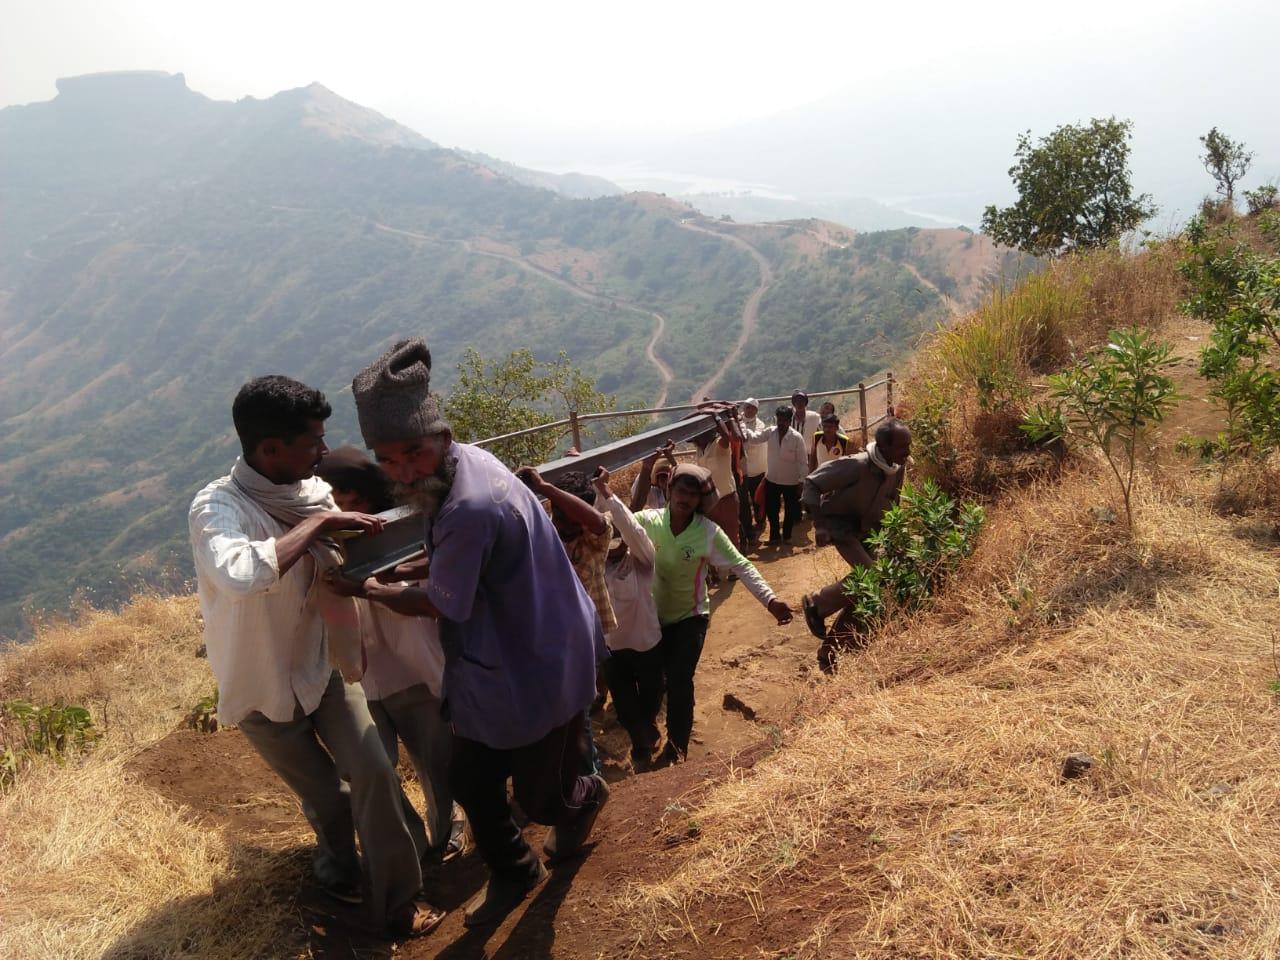 अतिदुर्गम माळवाडी, धानवली गावांच्या विद्युतीकरणाचे आव्हान पुर्णत्वाकडे